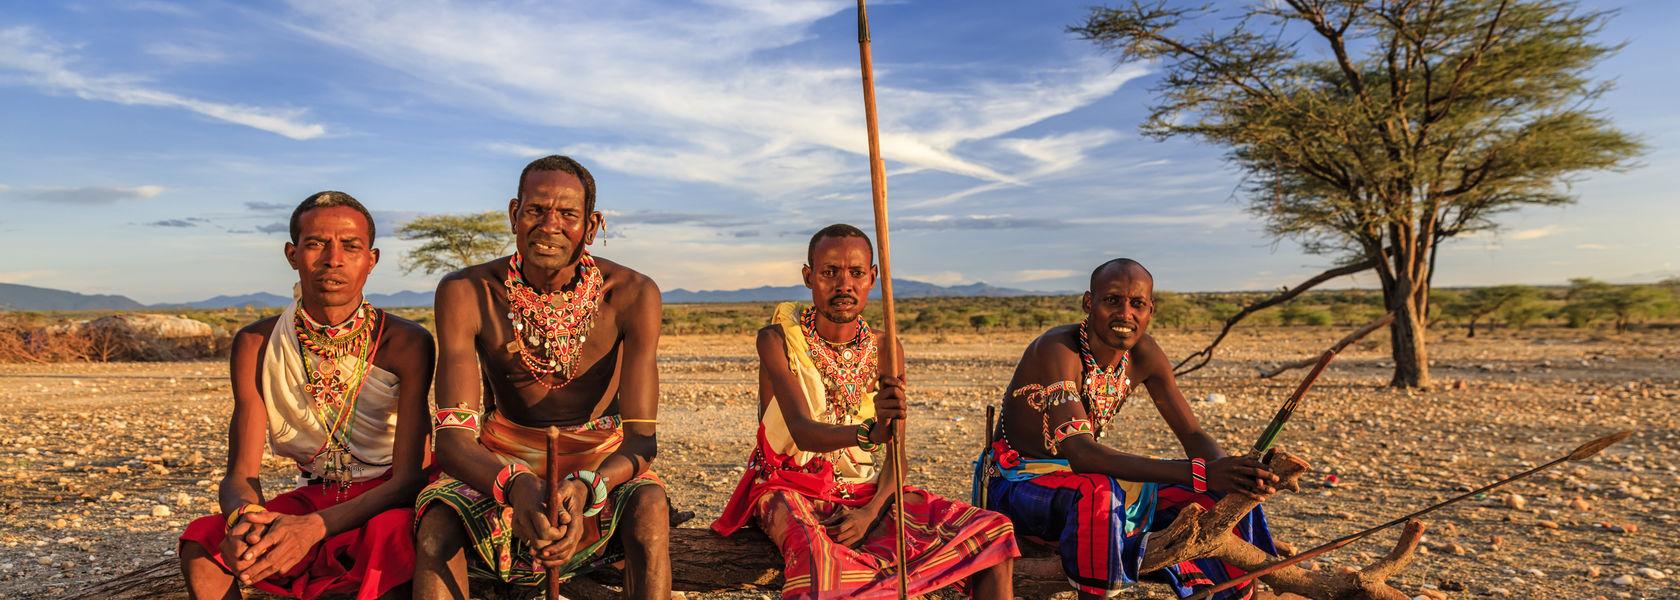 Beste reistijd kenia - Weer, klimaat & regenseizoen informatie